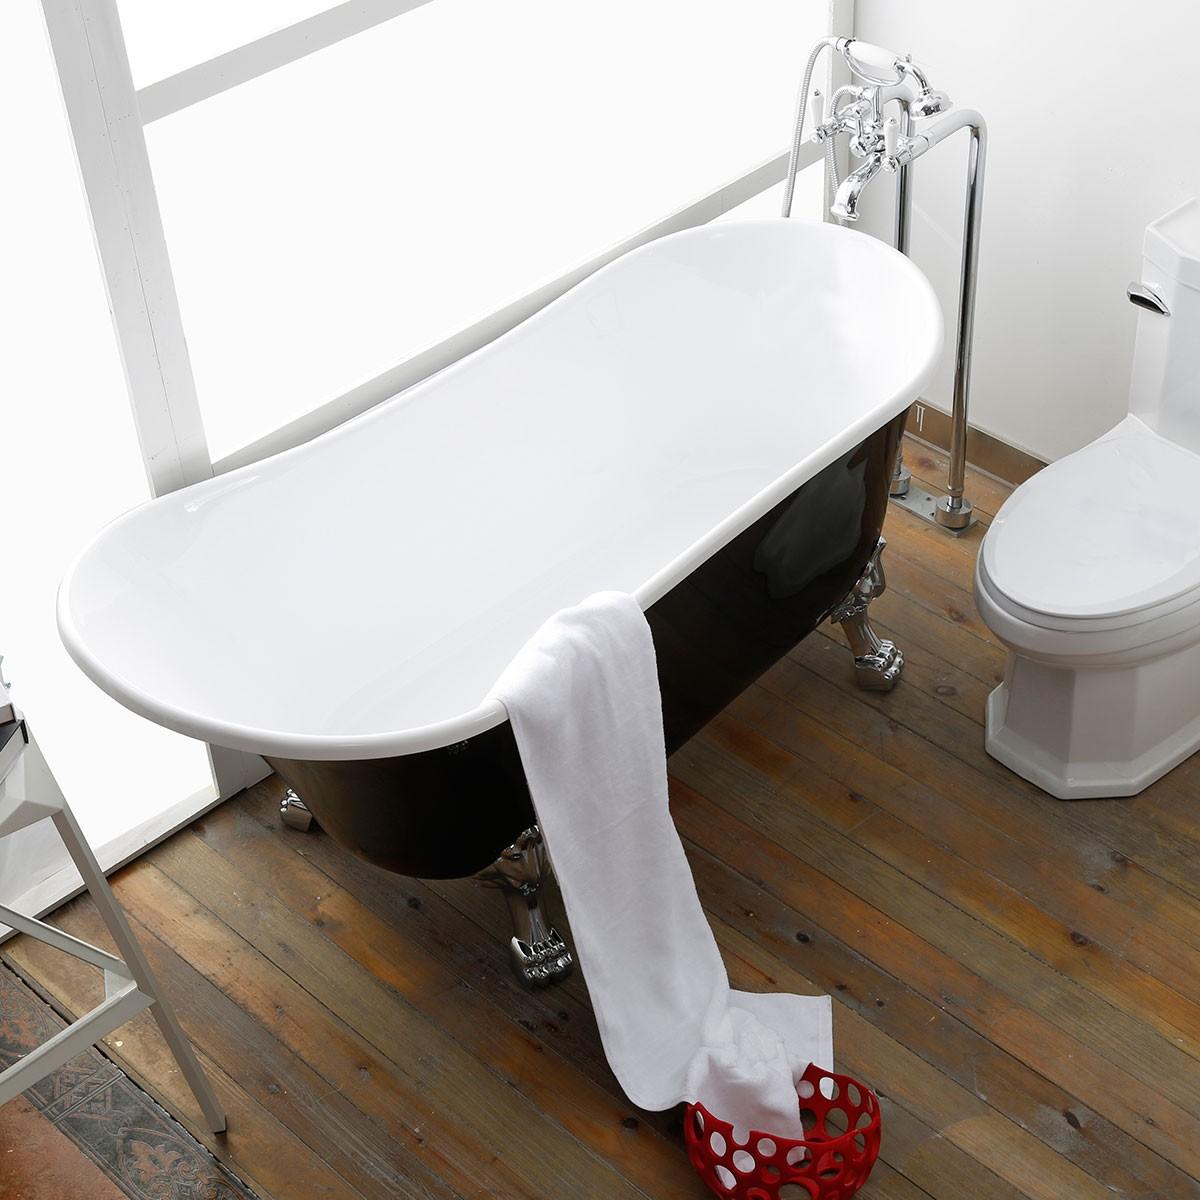 63 po baignoire sur pattes noire en acrylique de salle de bain dk 1675b decoraport canada Baignoire acrylique salle bains